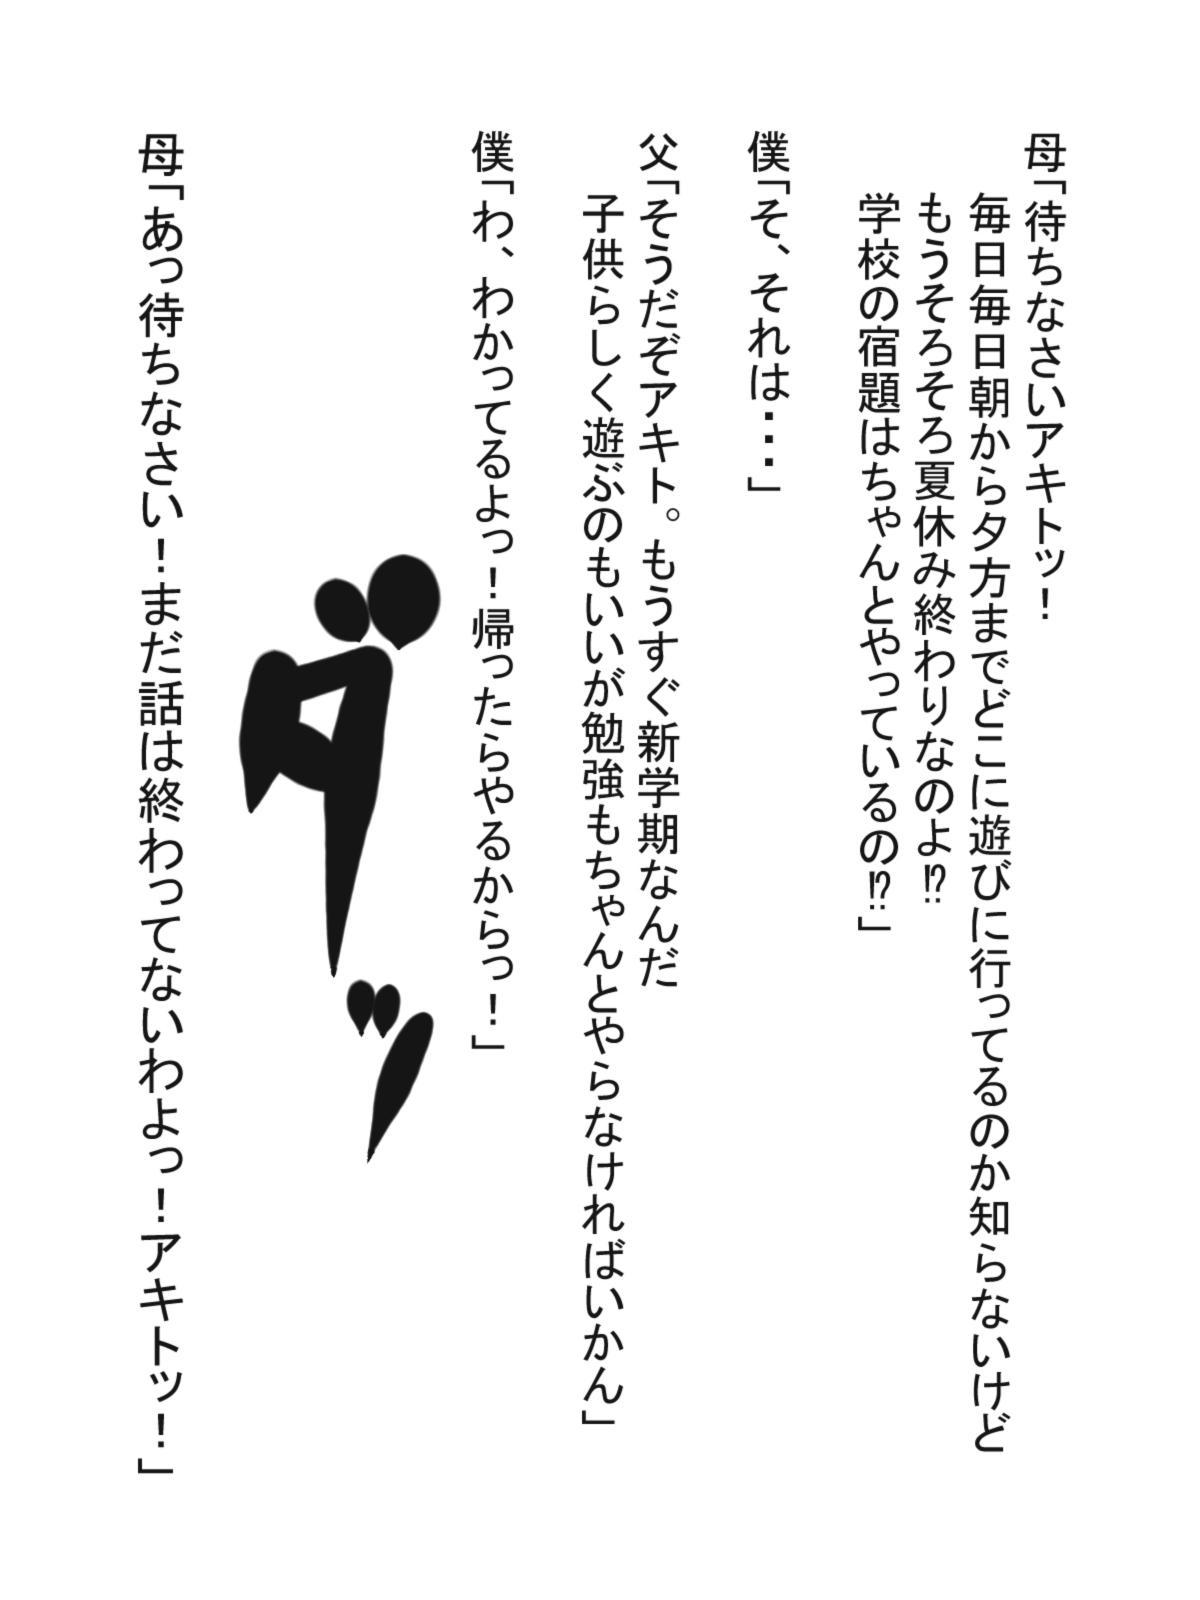 Hasshaku-sama to Boku no Paizuri Memories 51